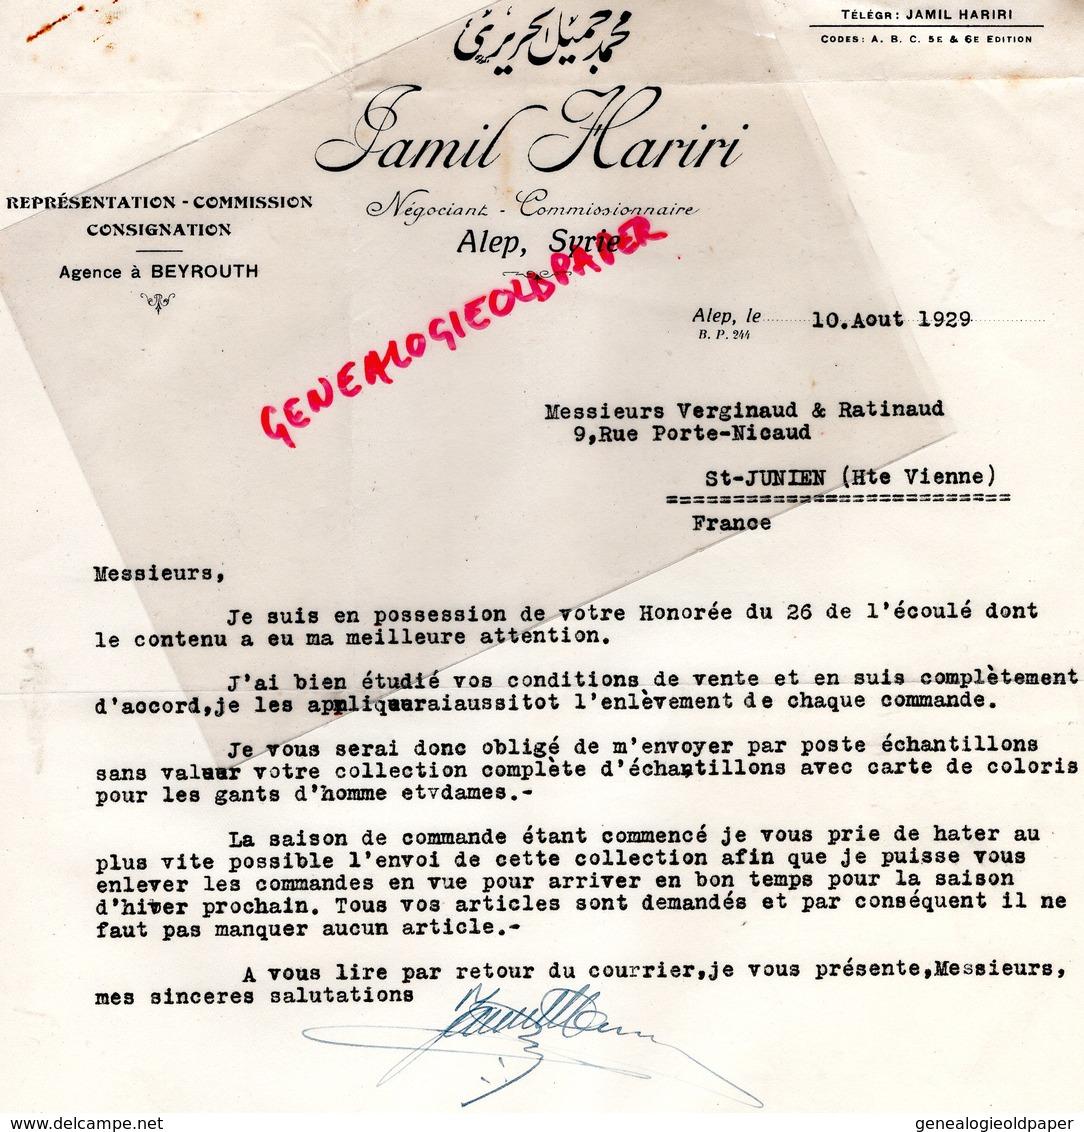 87- SAINT JUNIEN- GANTERIE VERGNIAUD RATINAUD MANUFACTURE GANTS DE PEAU-LIBAN BEYROUTH-JAMIL HARIRI 1929 - Factures & Documents Commerciaux